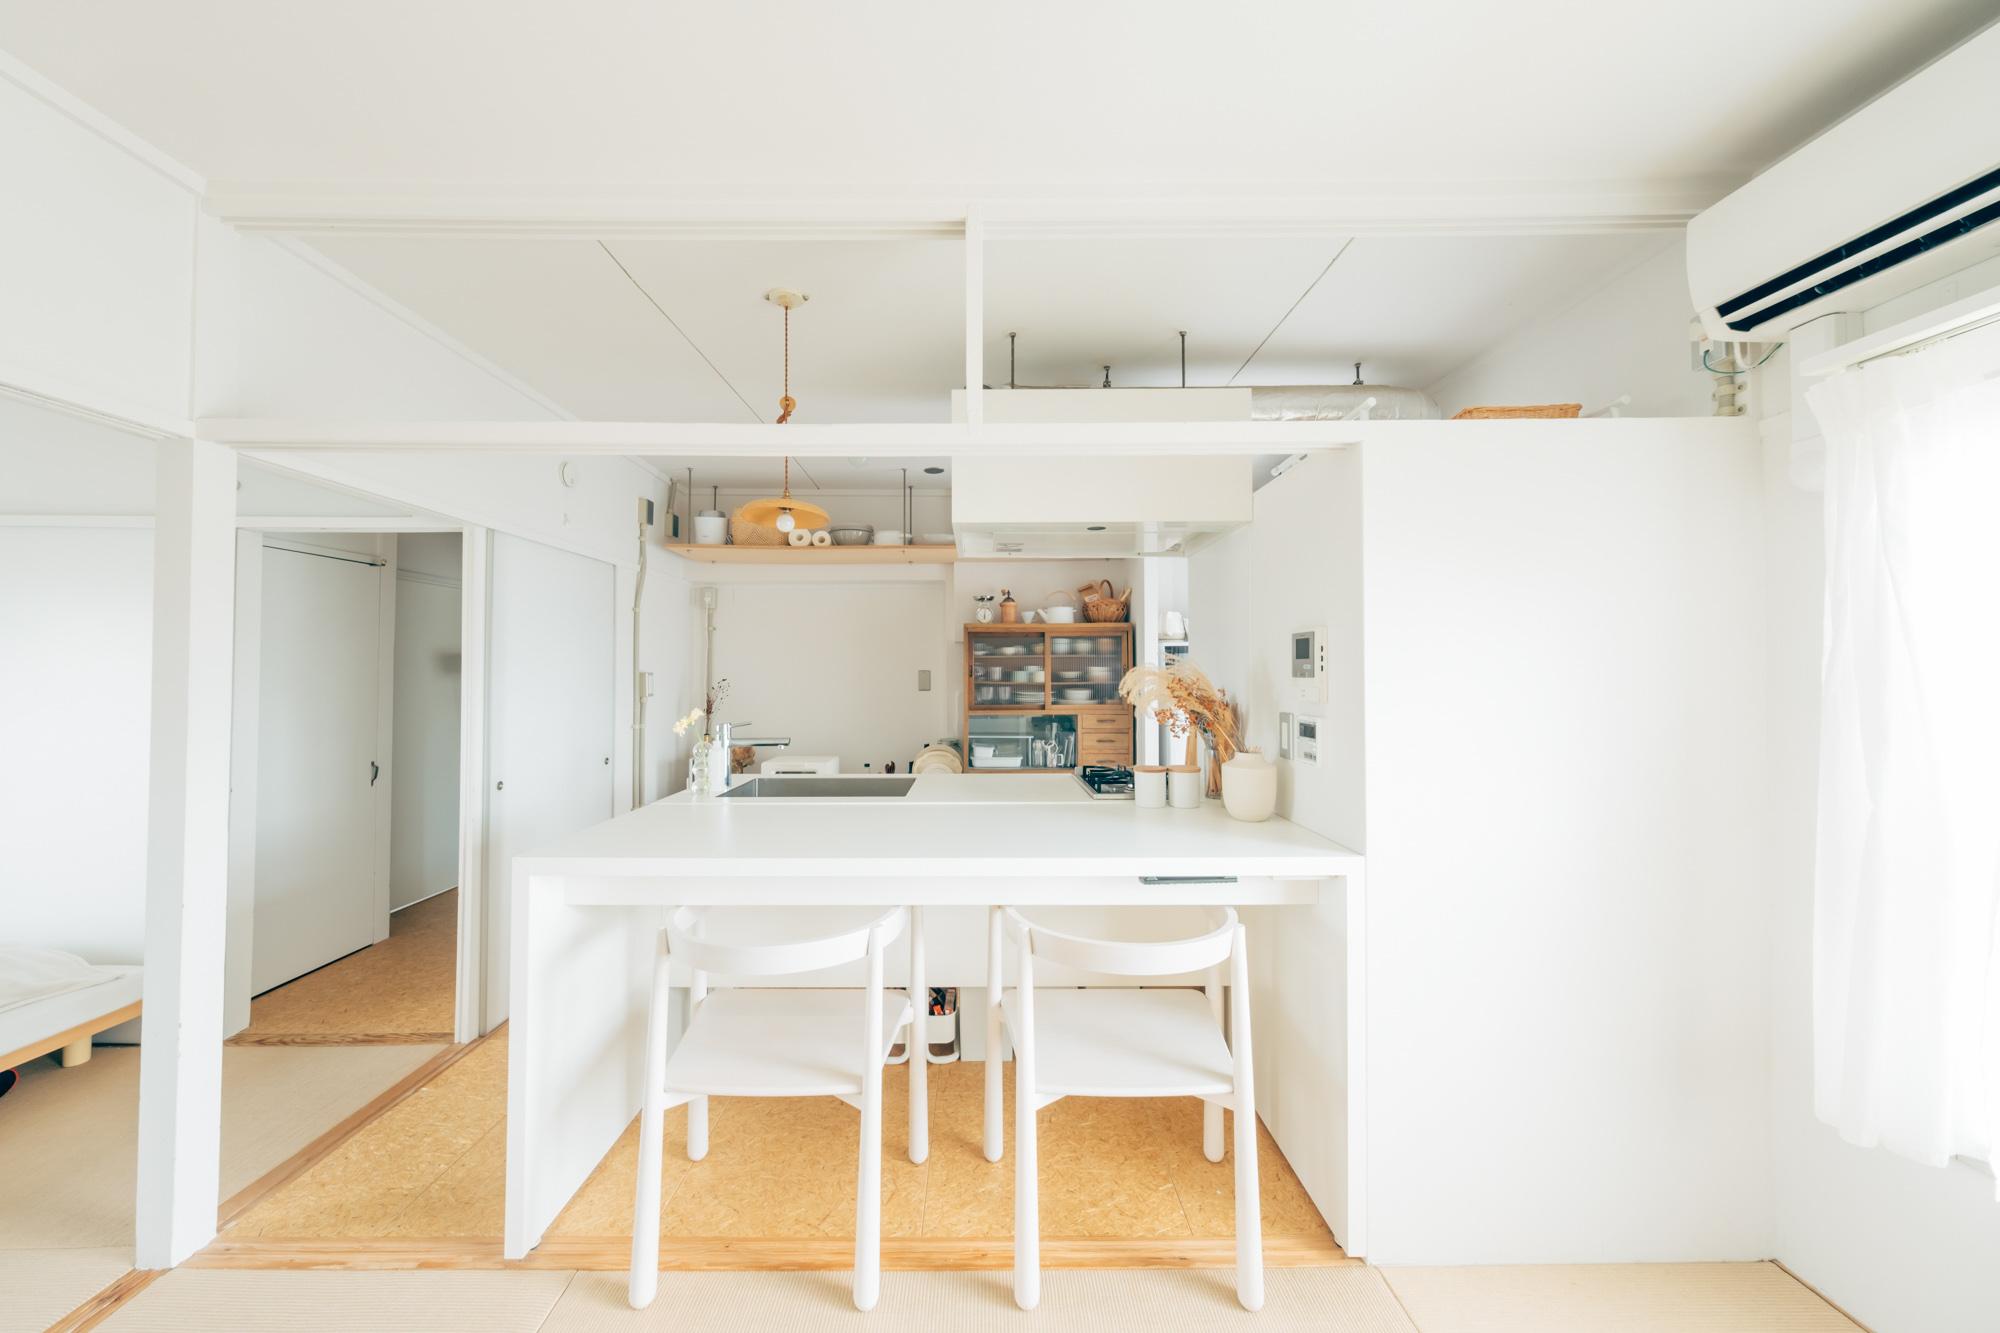 お部屋の決め手になったのは、MUJI×URのお部屋ならではの、この真っ白な対面キッチン。